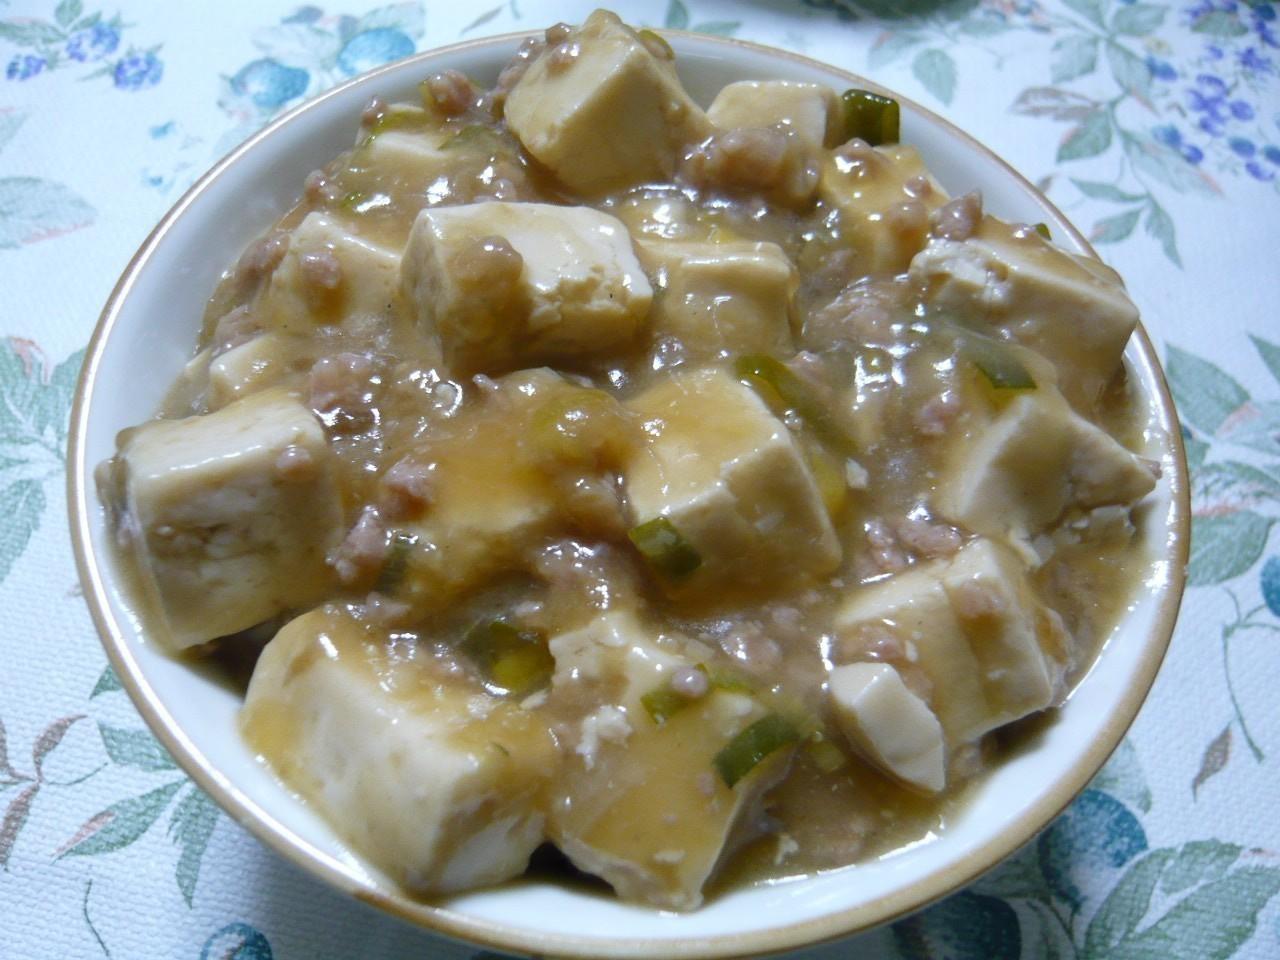 今日はマーボー豆腐丼!寒い日はトロミの付いた料理が美味しいです♪